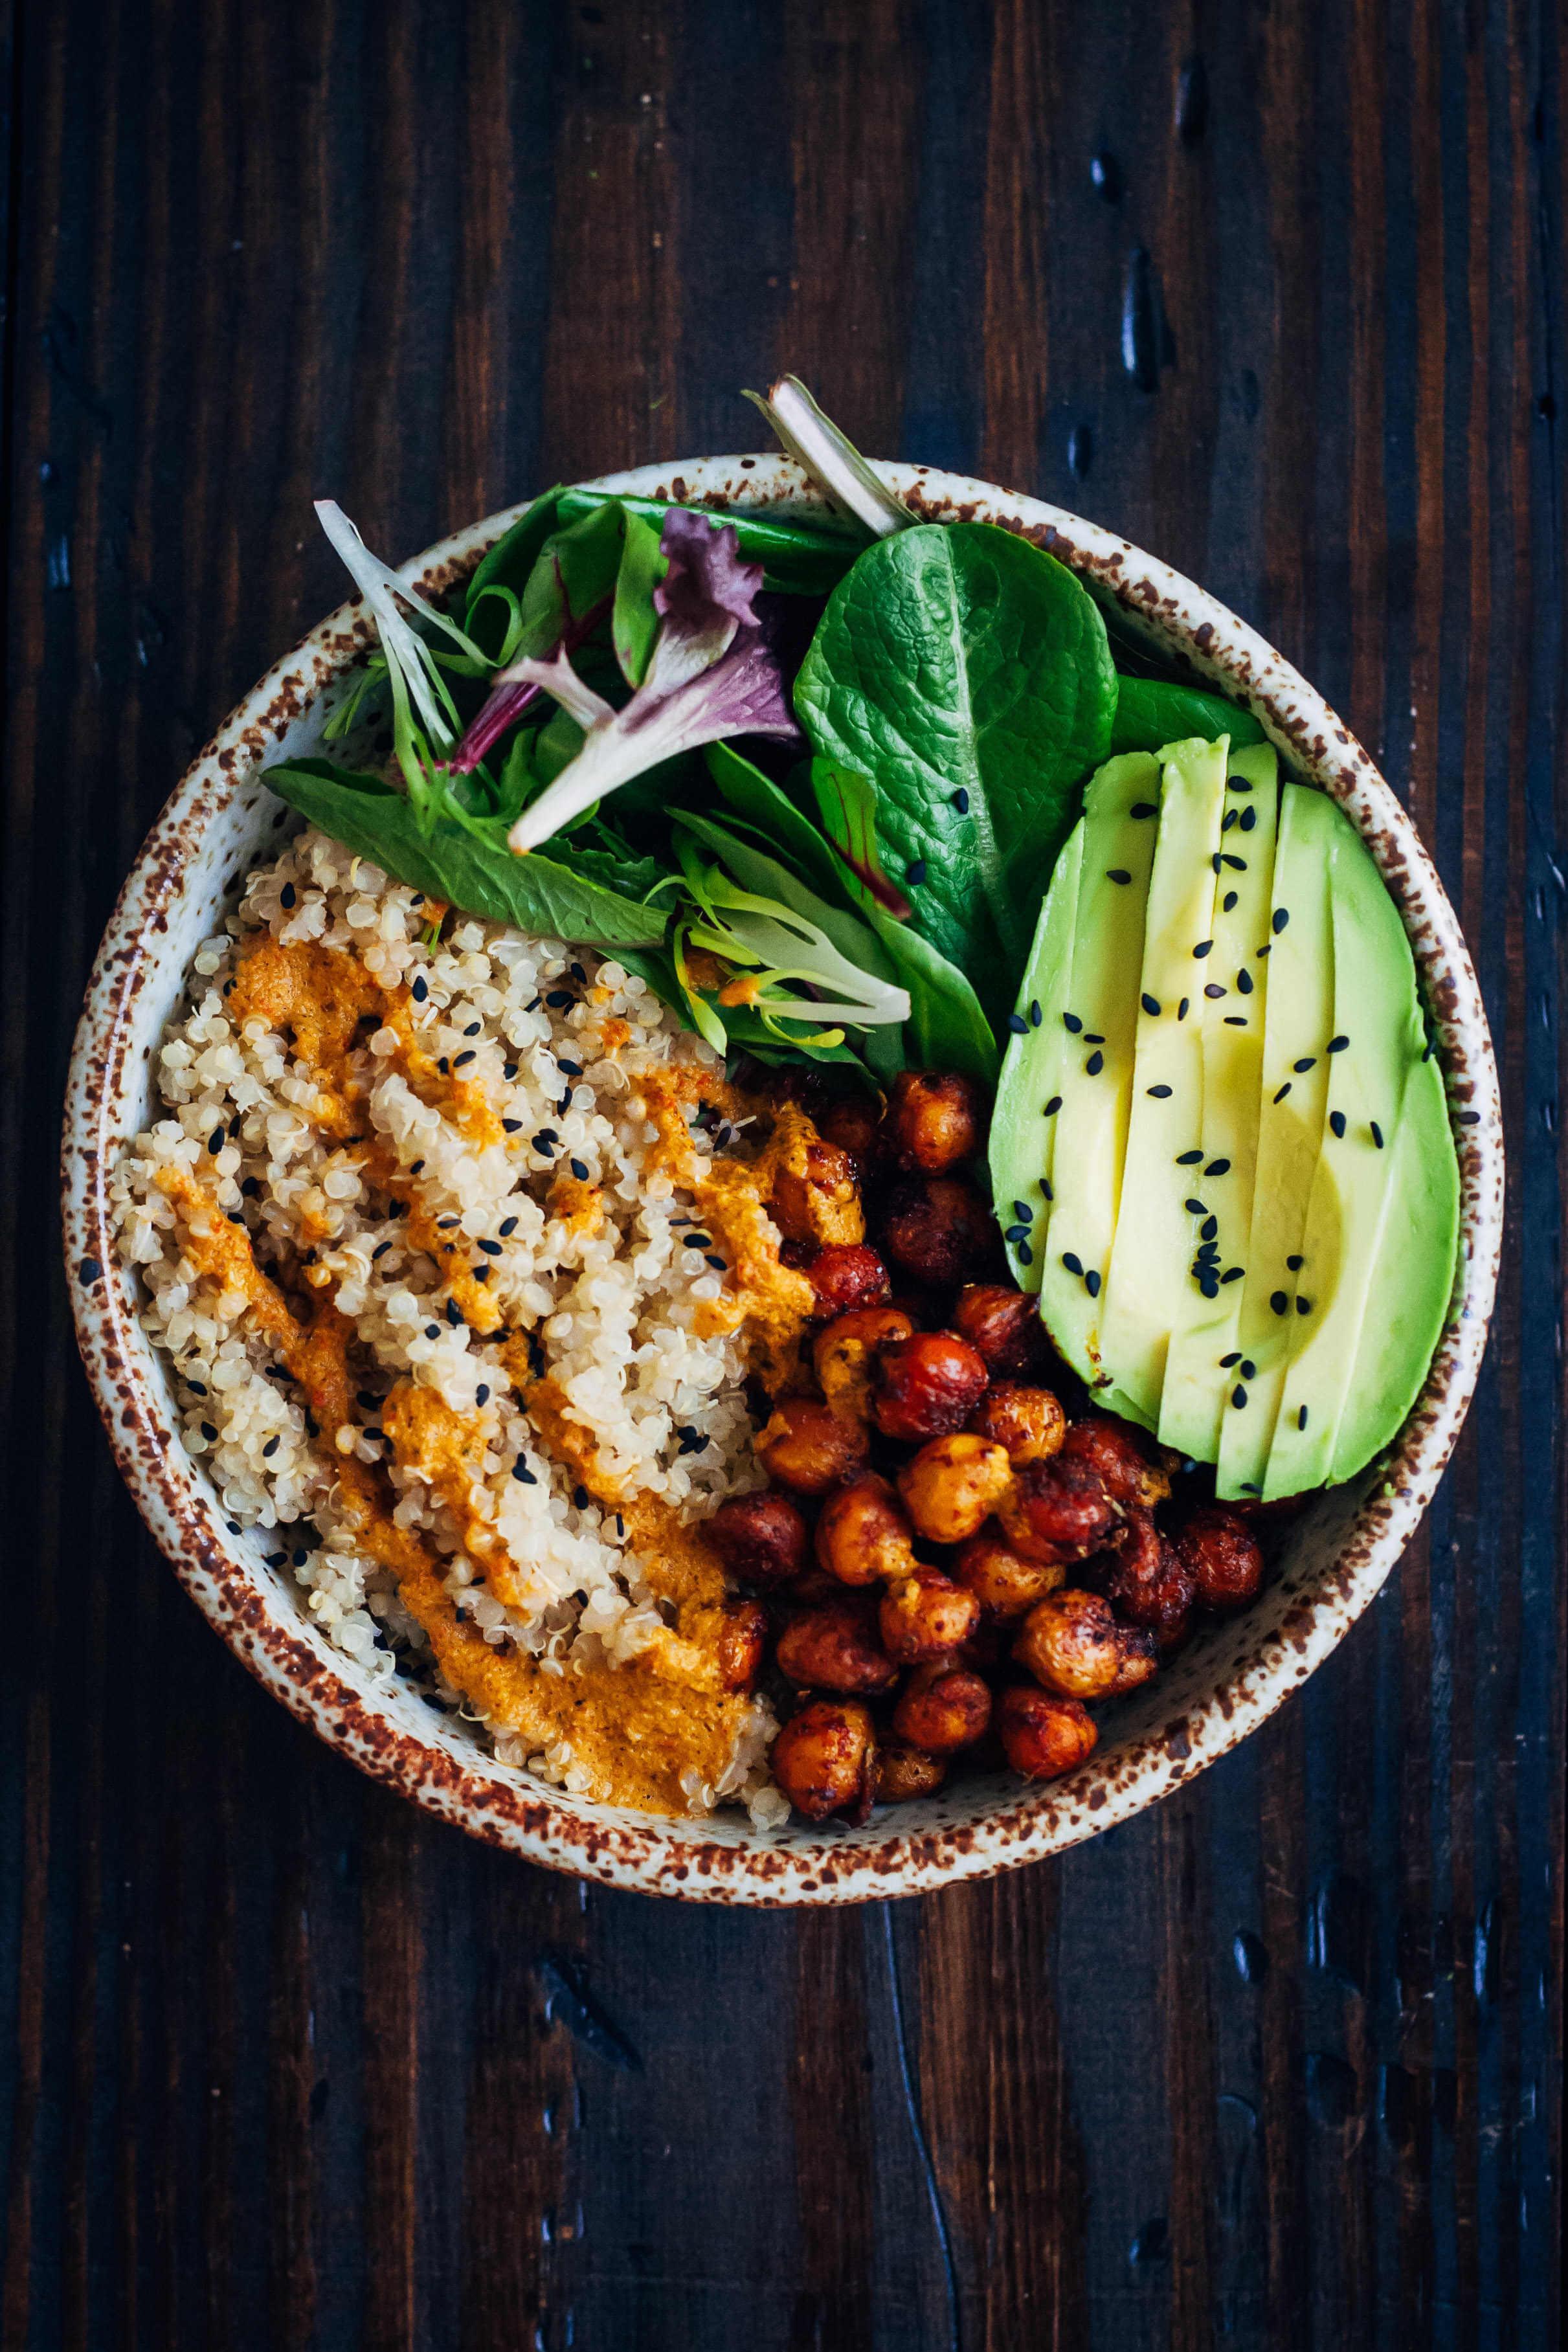 Vegan Dinner For Two  25 Vegan Dinner Recipes Easy Healthy Plant based